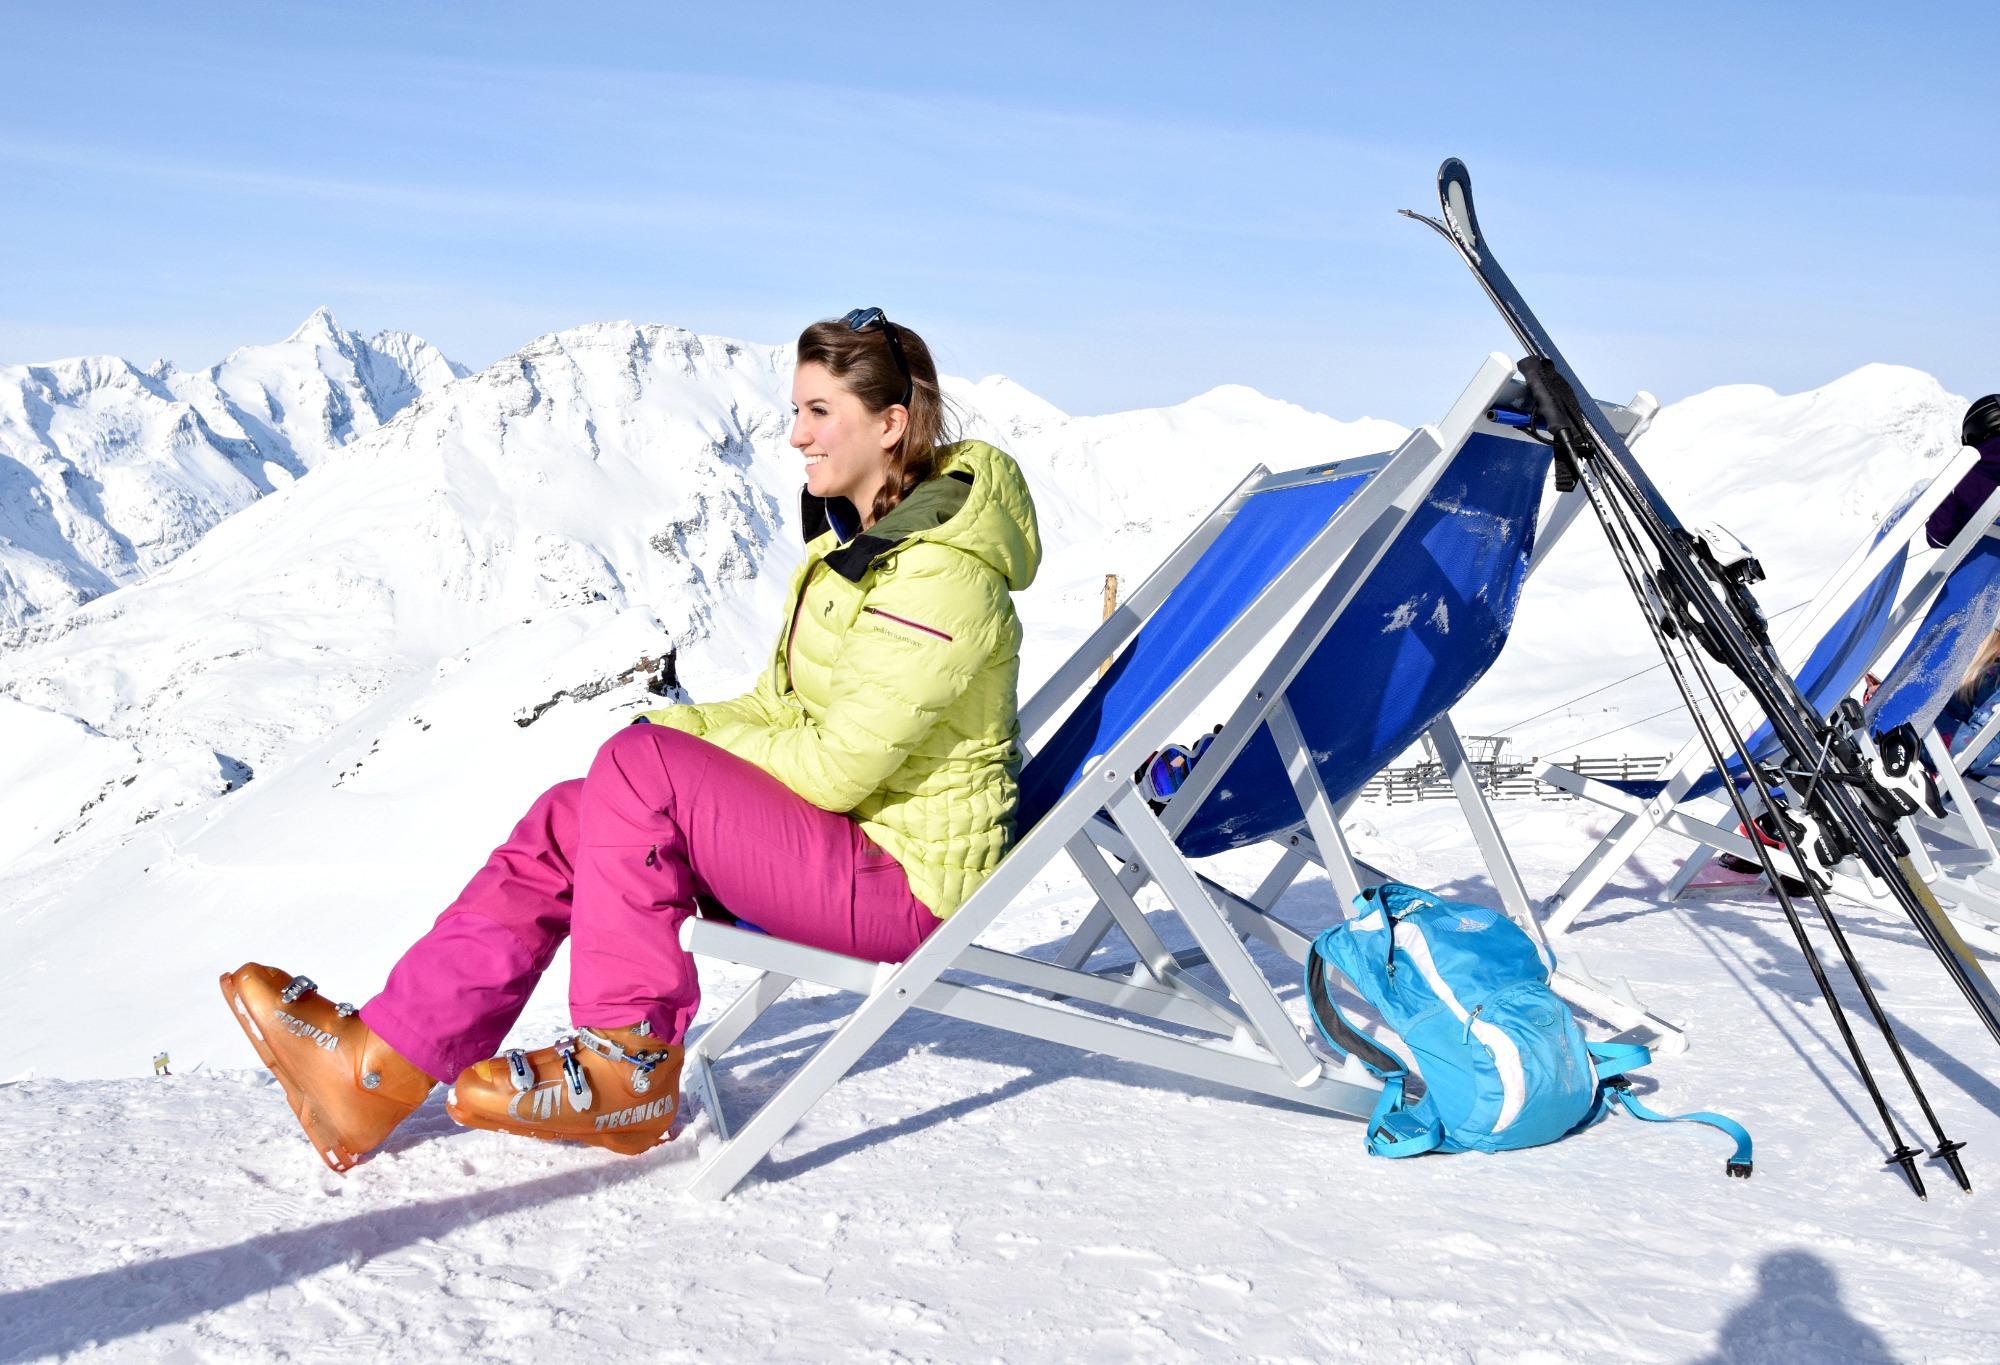 Fitnessblog-kästle-ski-klara-fuchs-österreich-blogger-sport-winter27